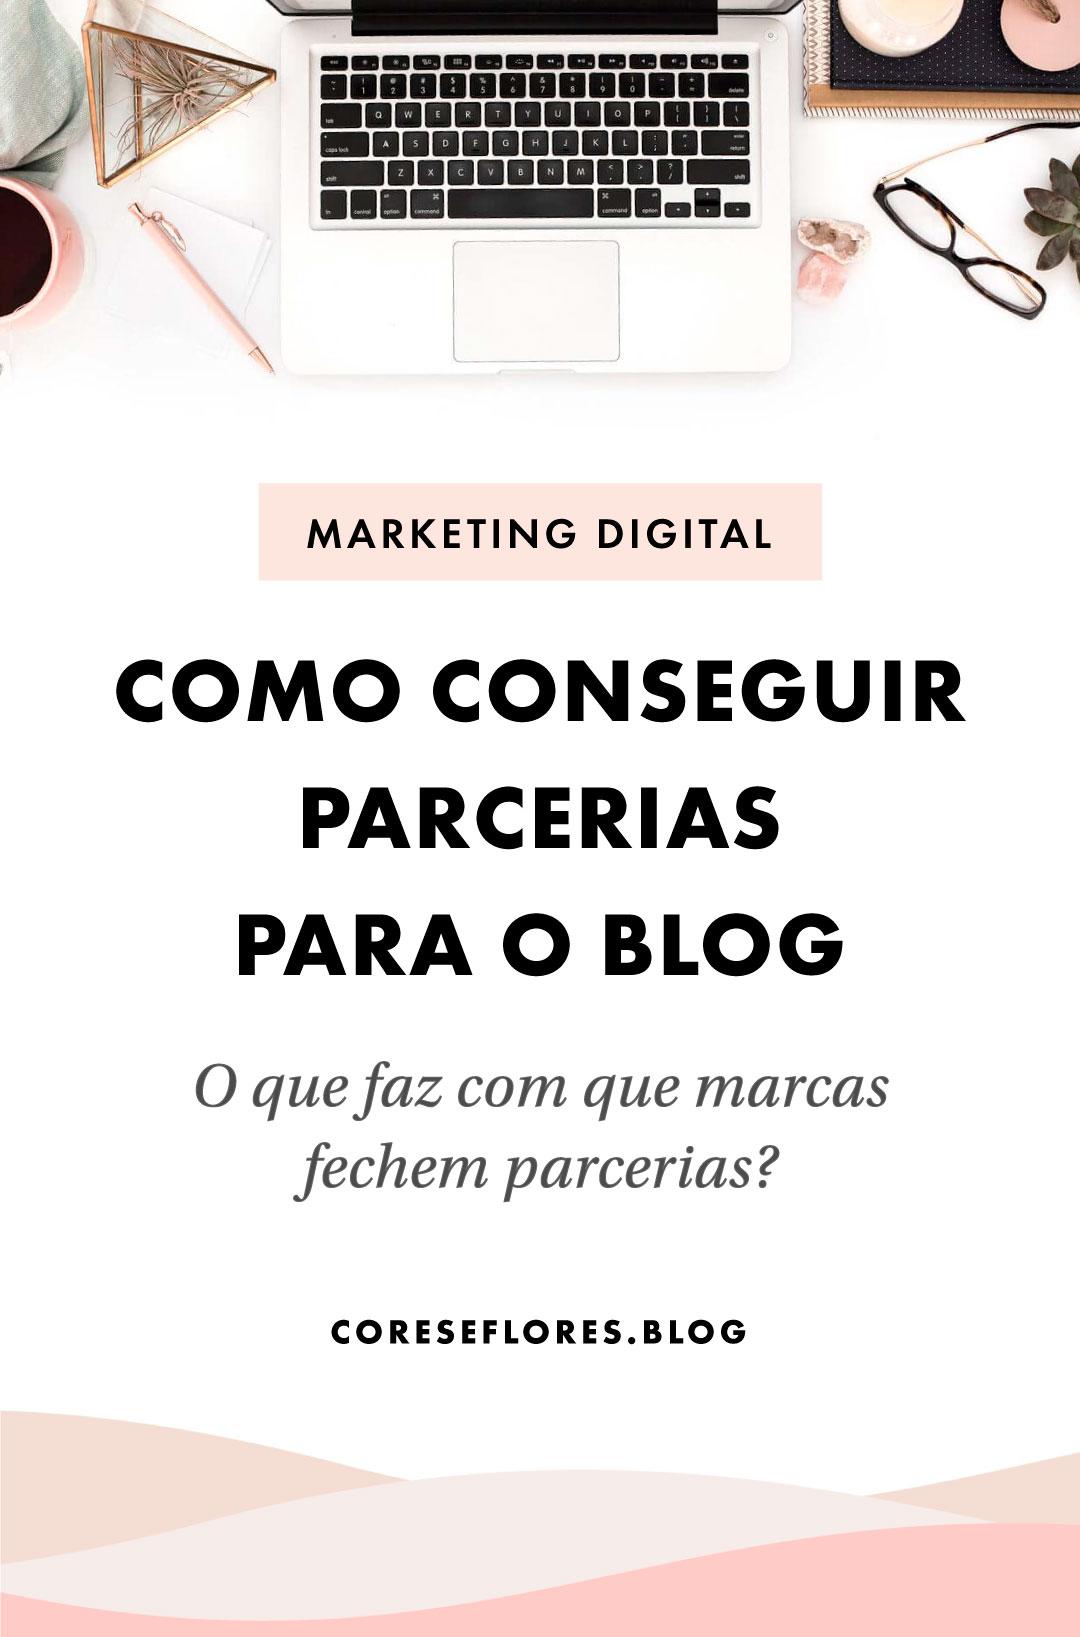 5 segredos para conseguir parcerias para o seu blog, canal no Youtube ou Instagram